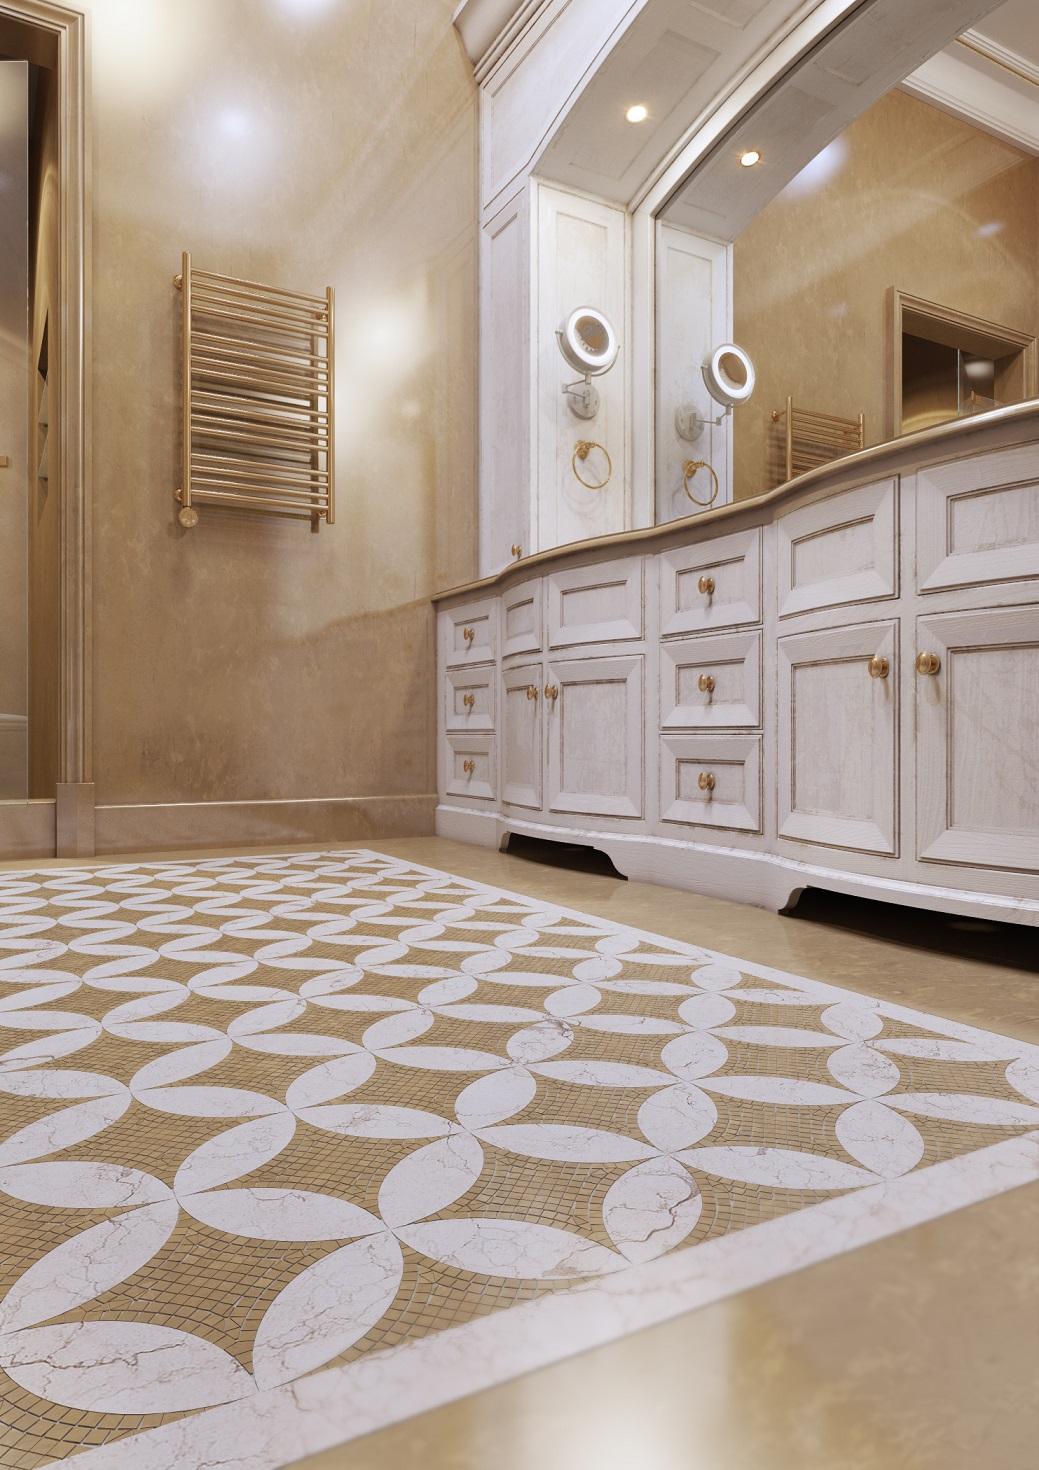 Мозаичный пол в интерьере классической квартиры в романовом переулке